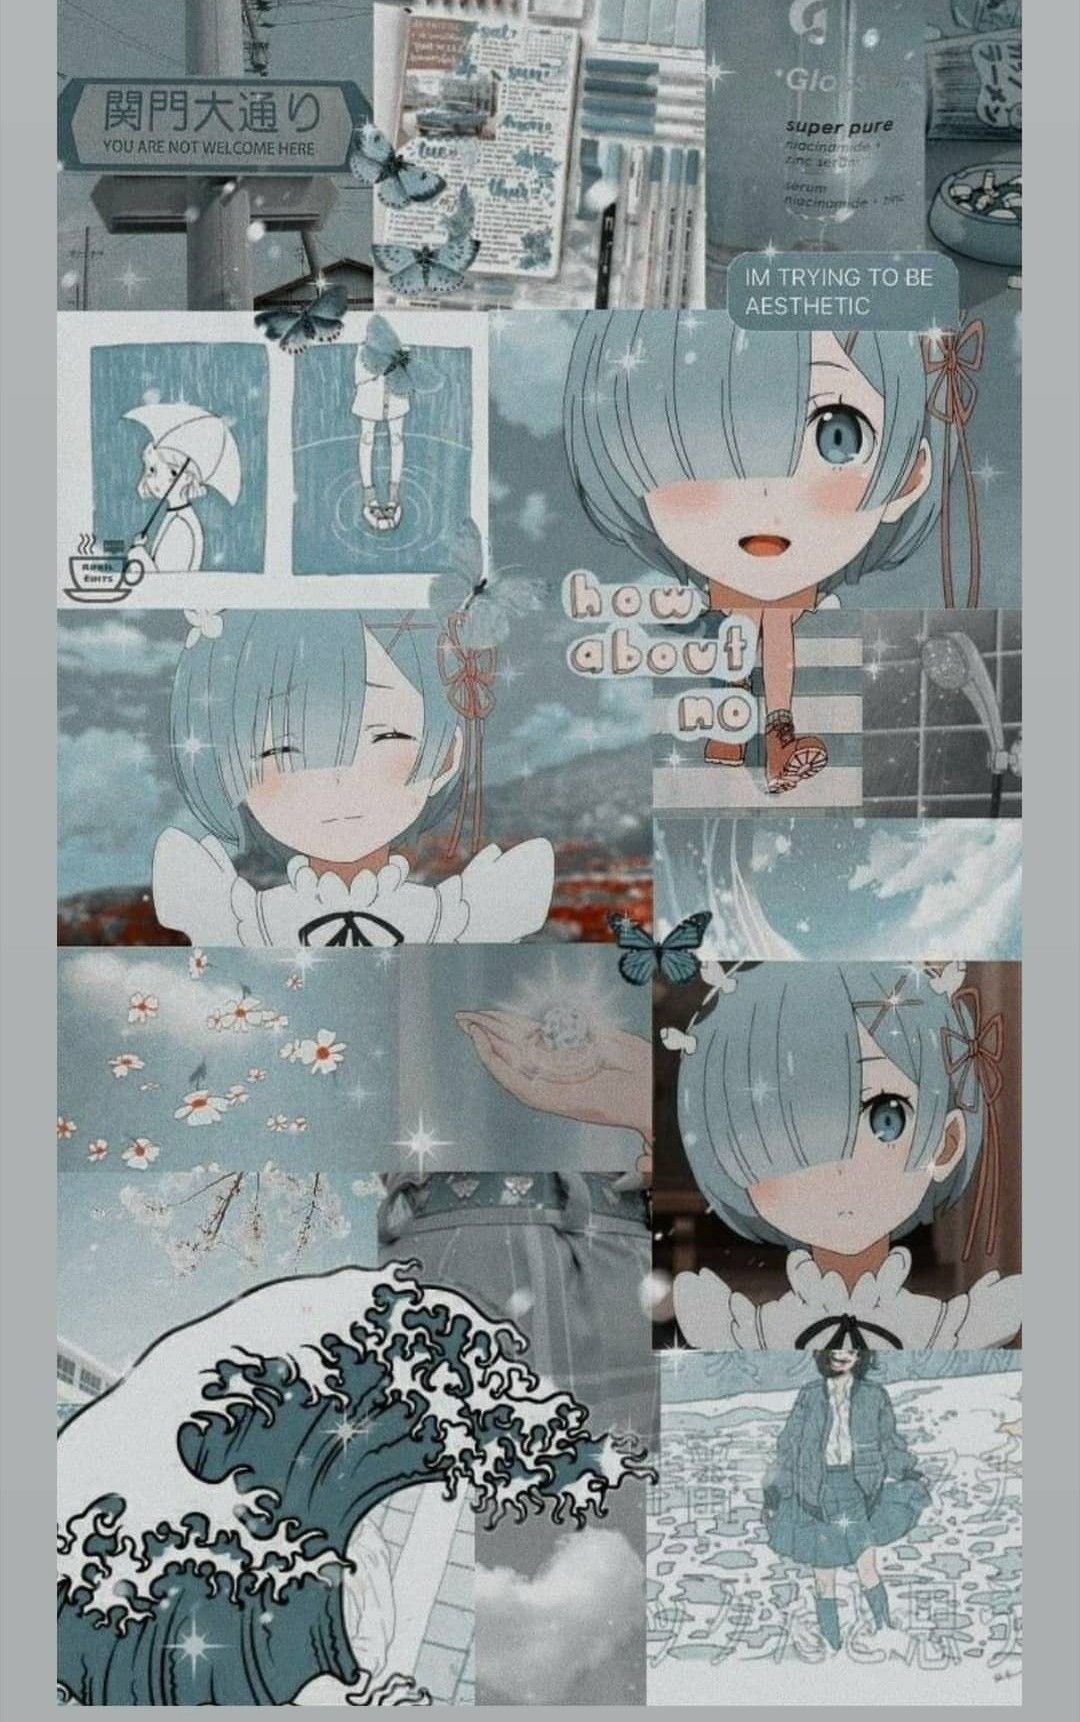 rezero Search Results